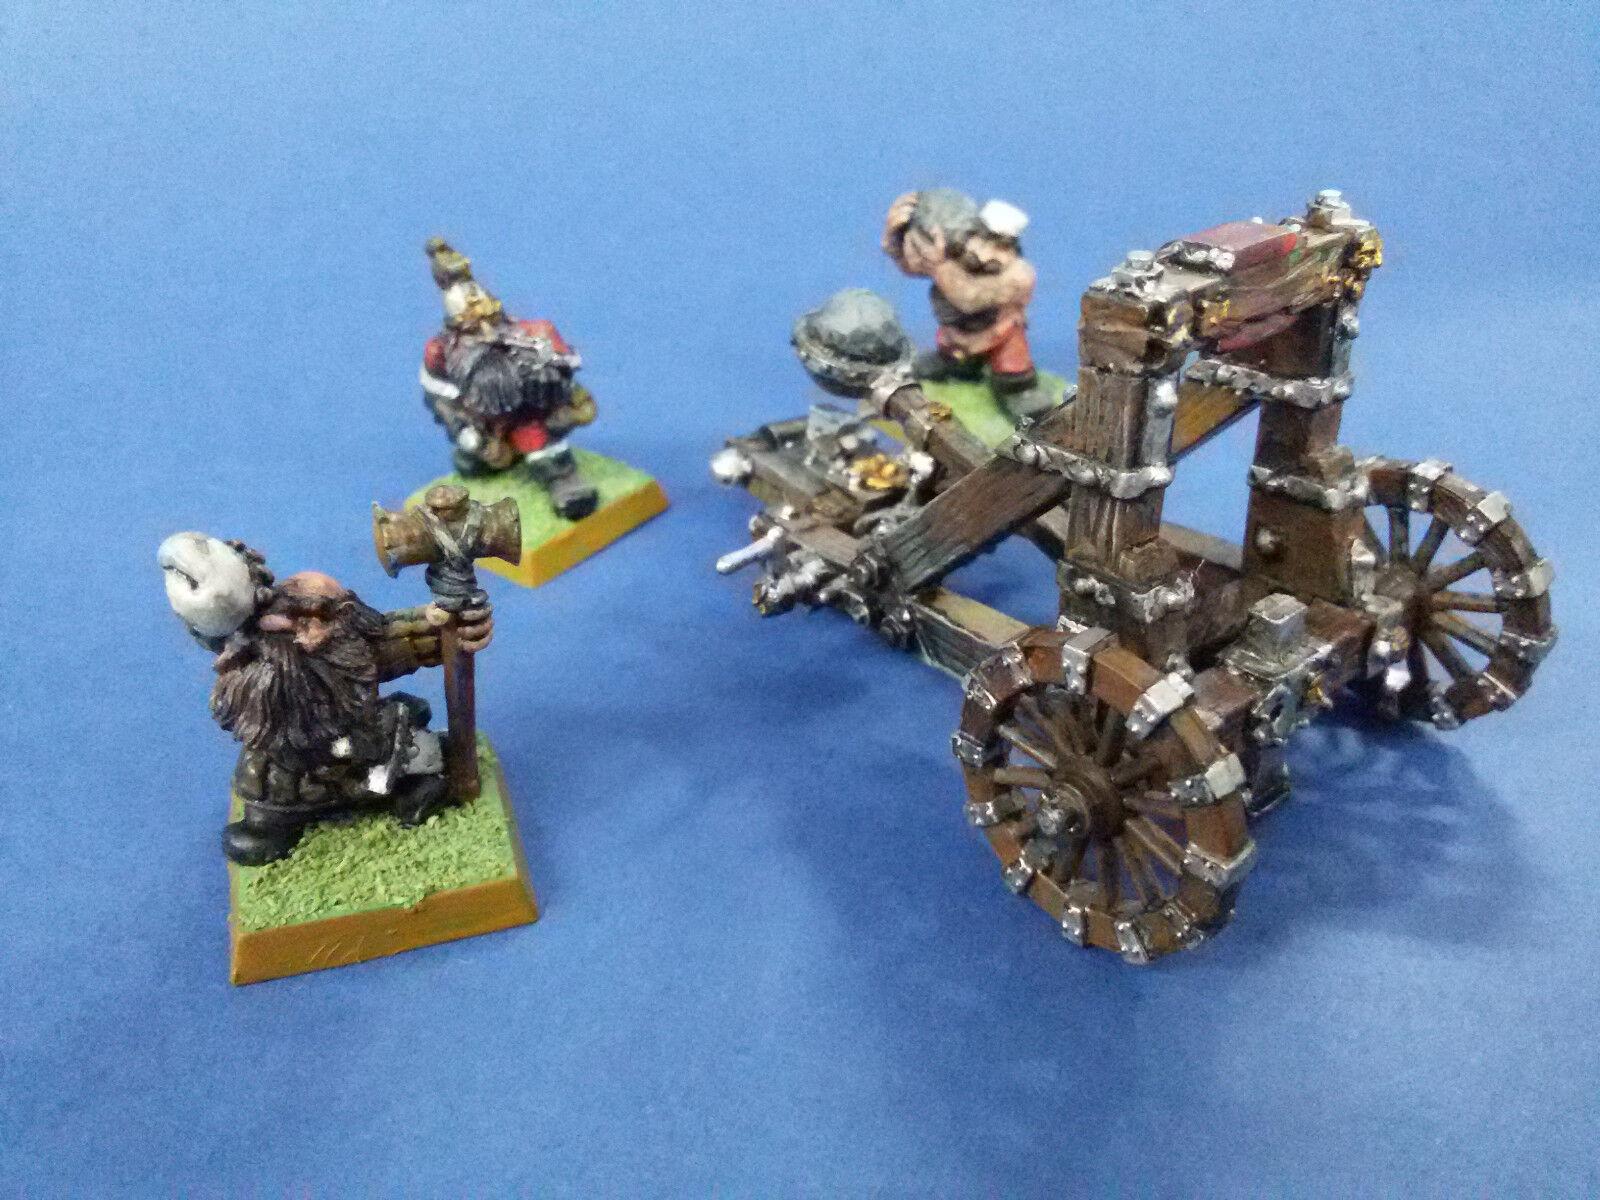 Games Workshop Warhammer Dwarf Grudge Thrower & Crew vintage metal minature